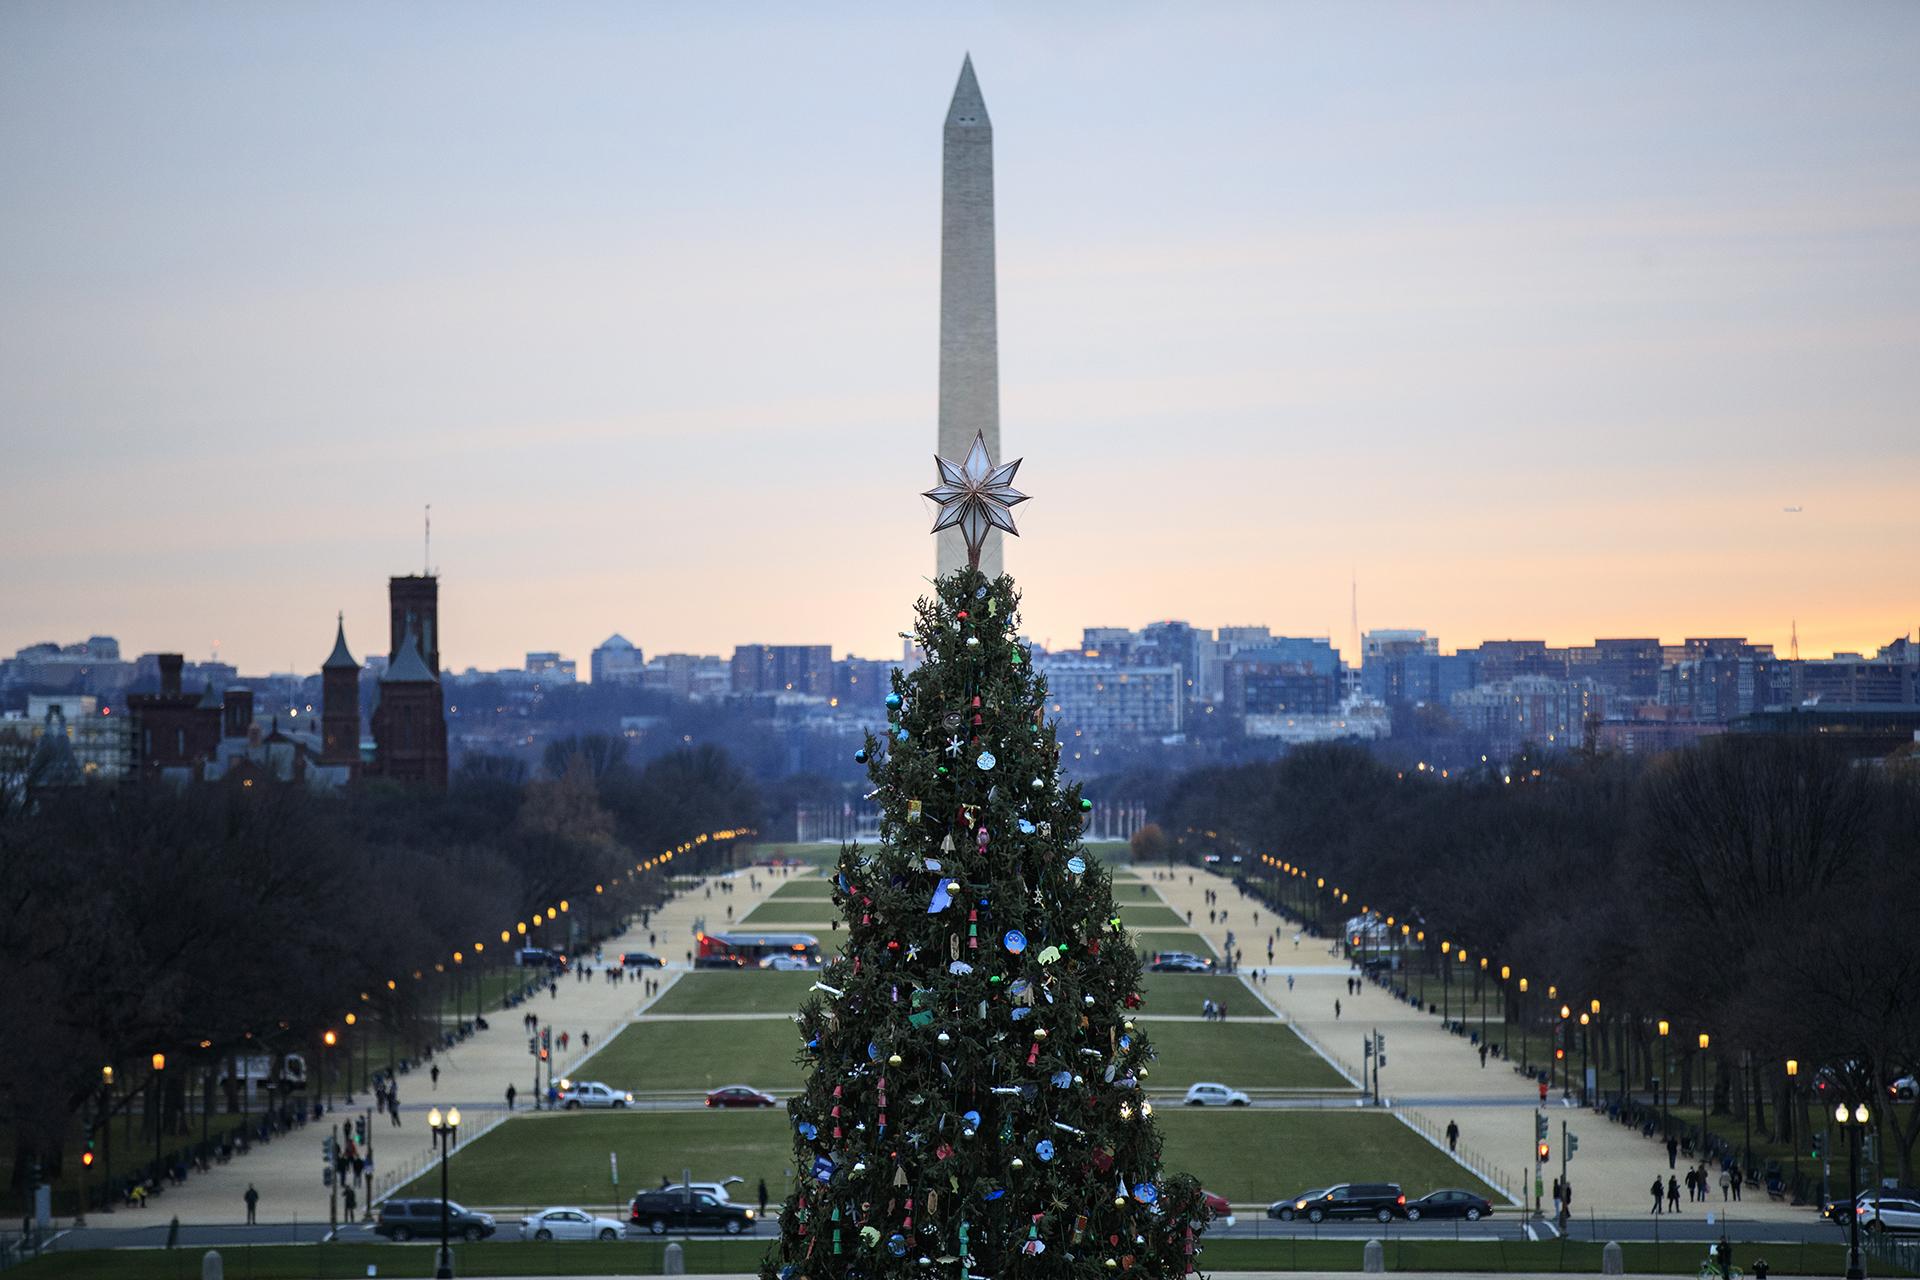 También en Washington, sede del gobierno de los Estados Unidos, los árboles gigantes se hacen presentes: el ejemplar del monumento más tradicional de la ciudad en Capitol Hill